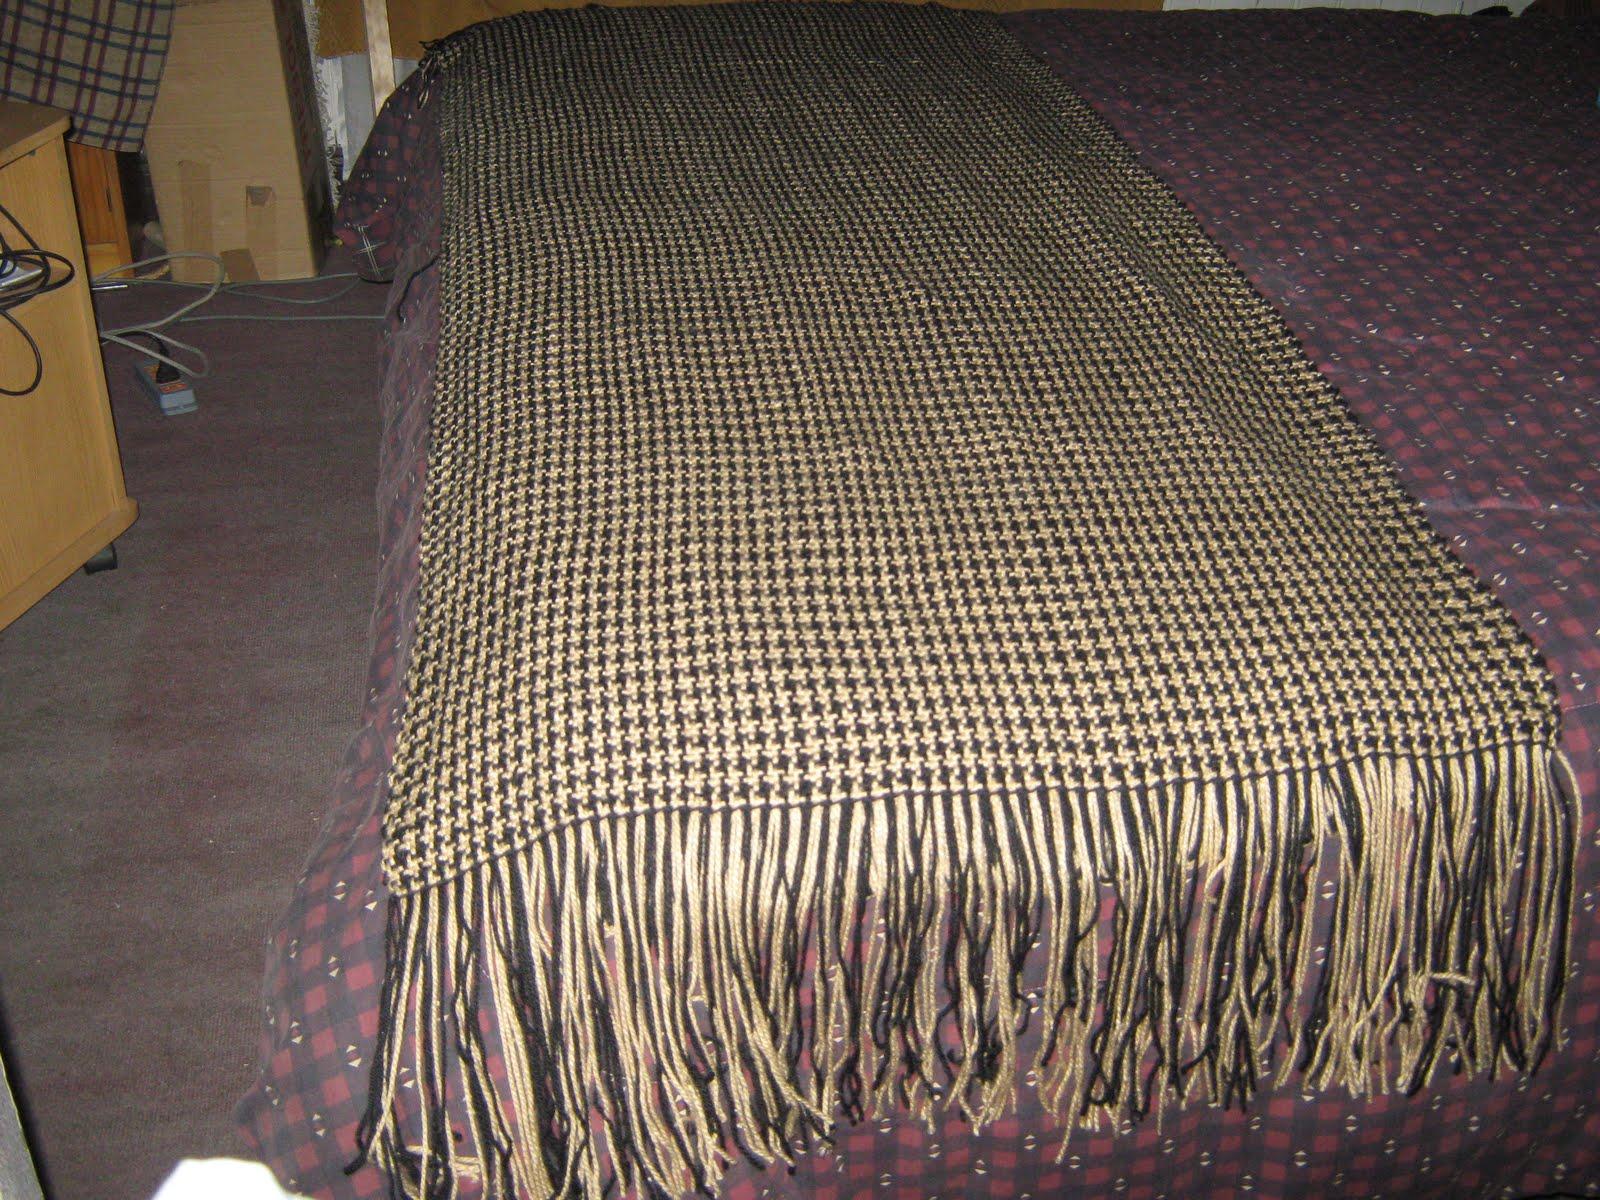 Taller aku accesorios para camas - Accesorios para camas ...